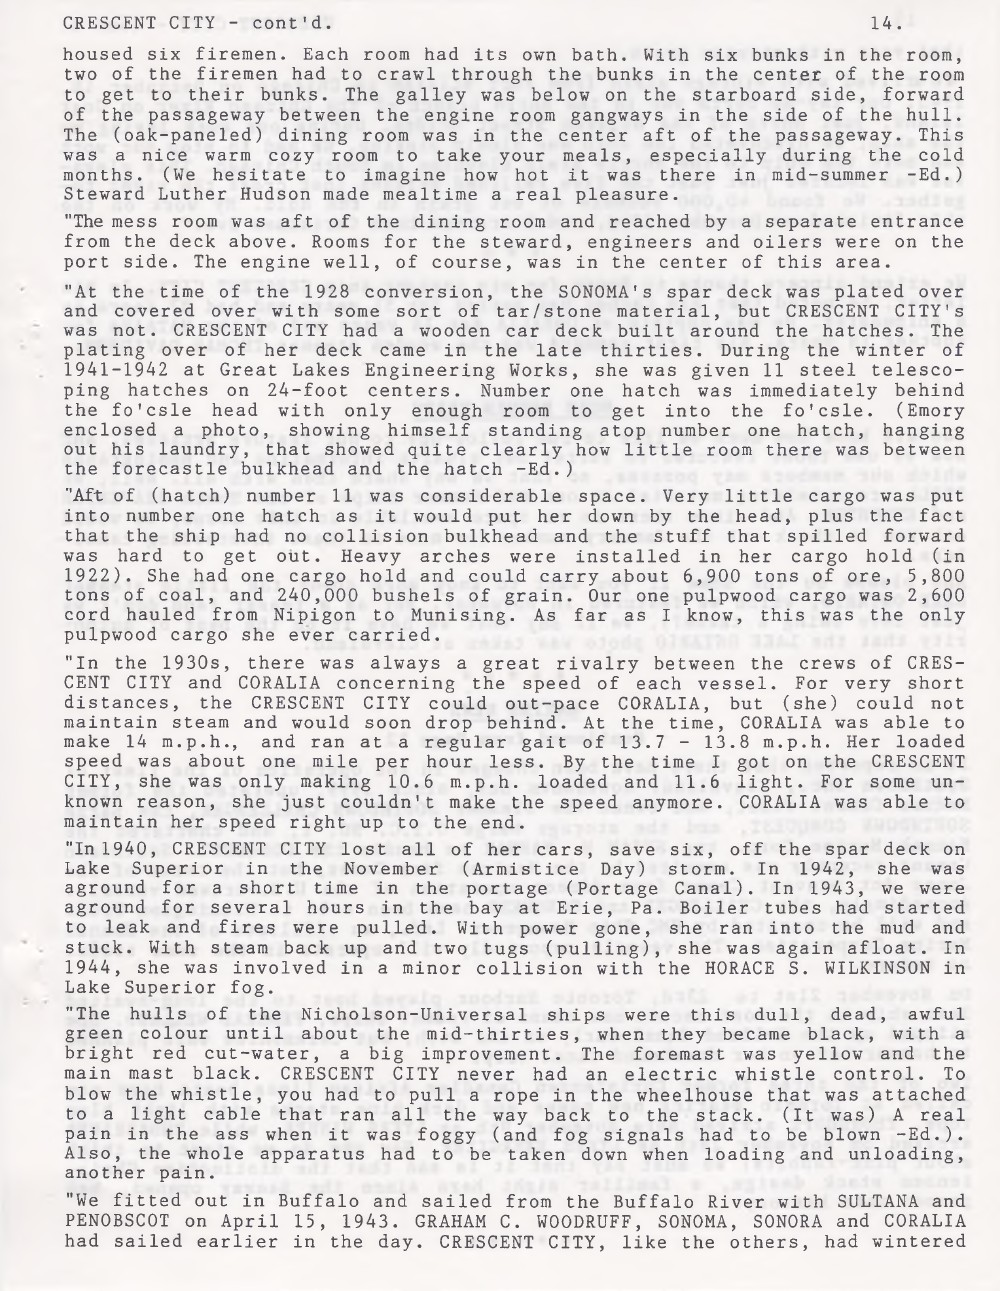 Scanner, v. 33, no. 3 (December 2000)